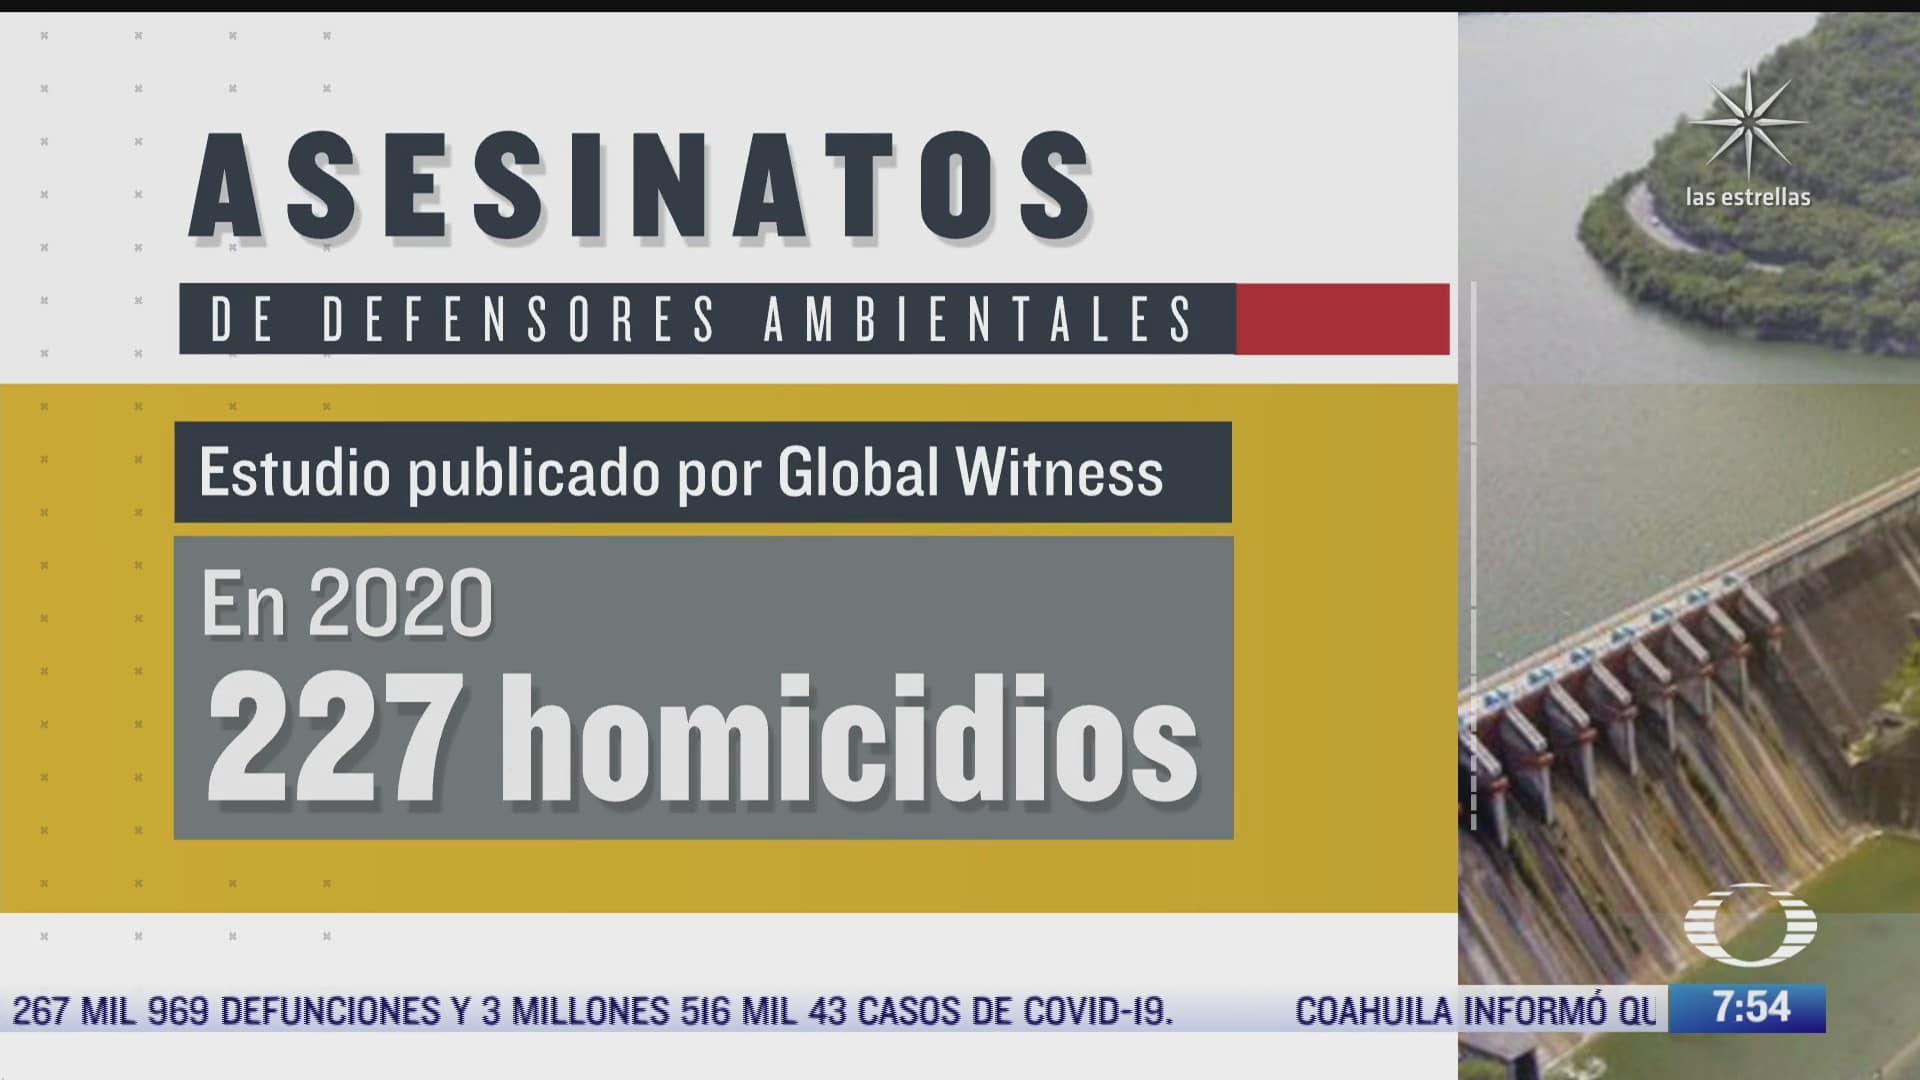 colombia y mexico los paises con mas asesinatos de defensores ambientales